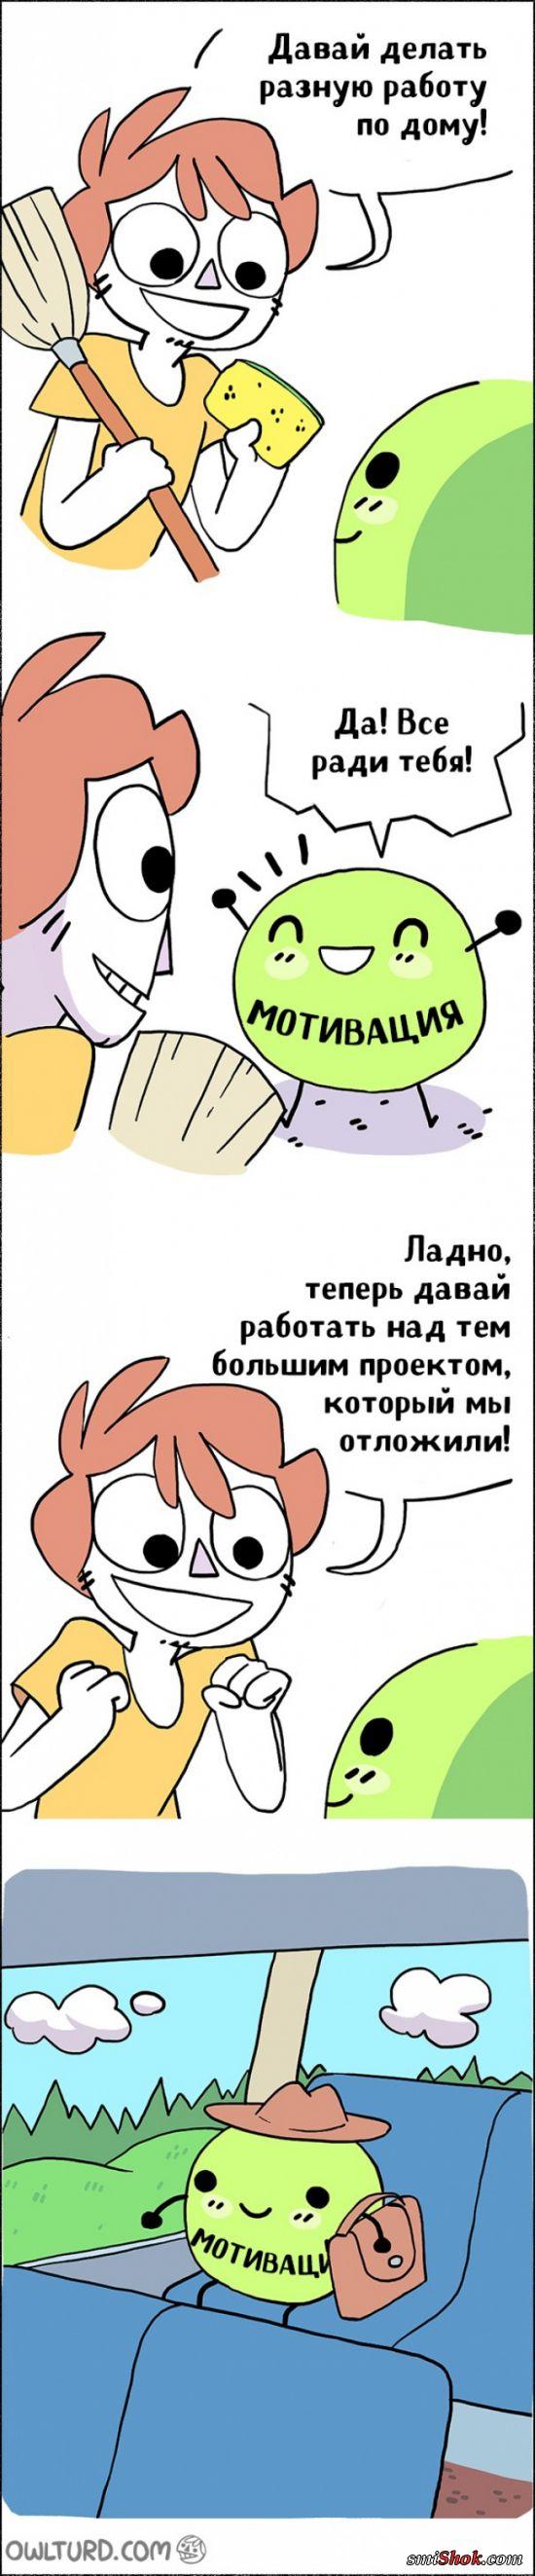 Комикс. Какова на самом деле эта взрослая жизнь